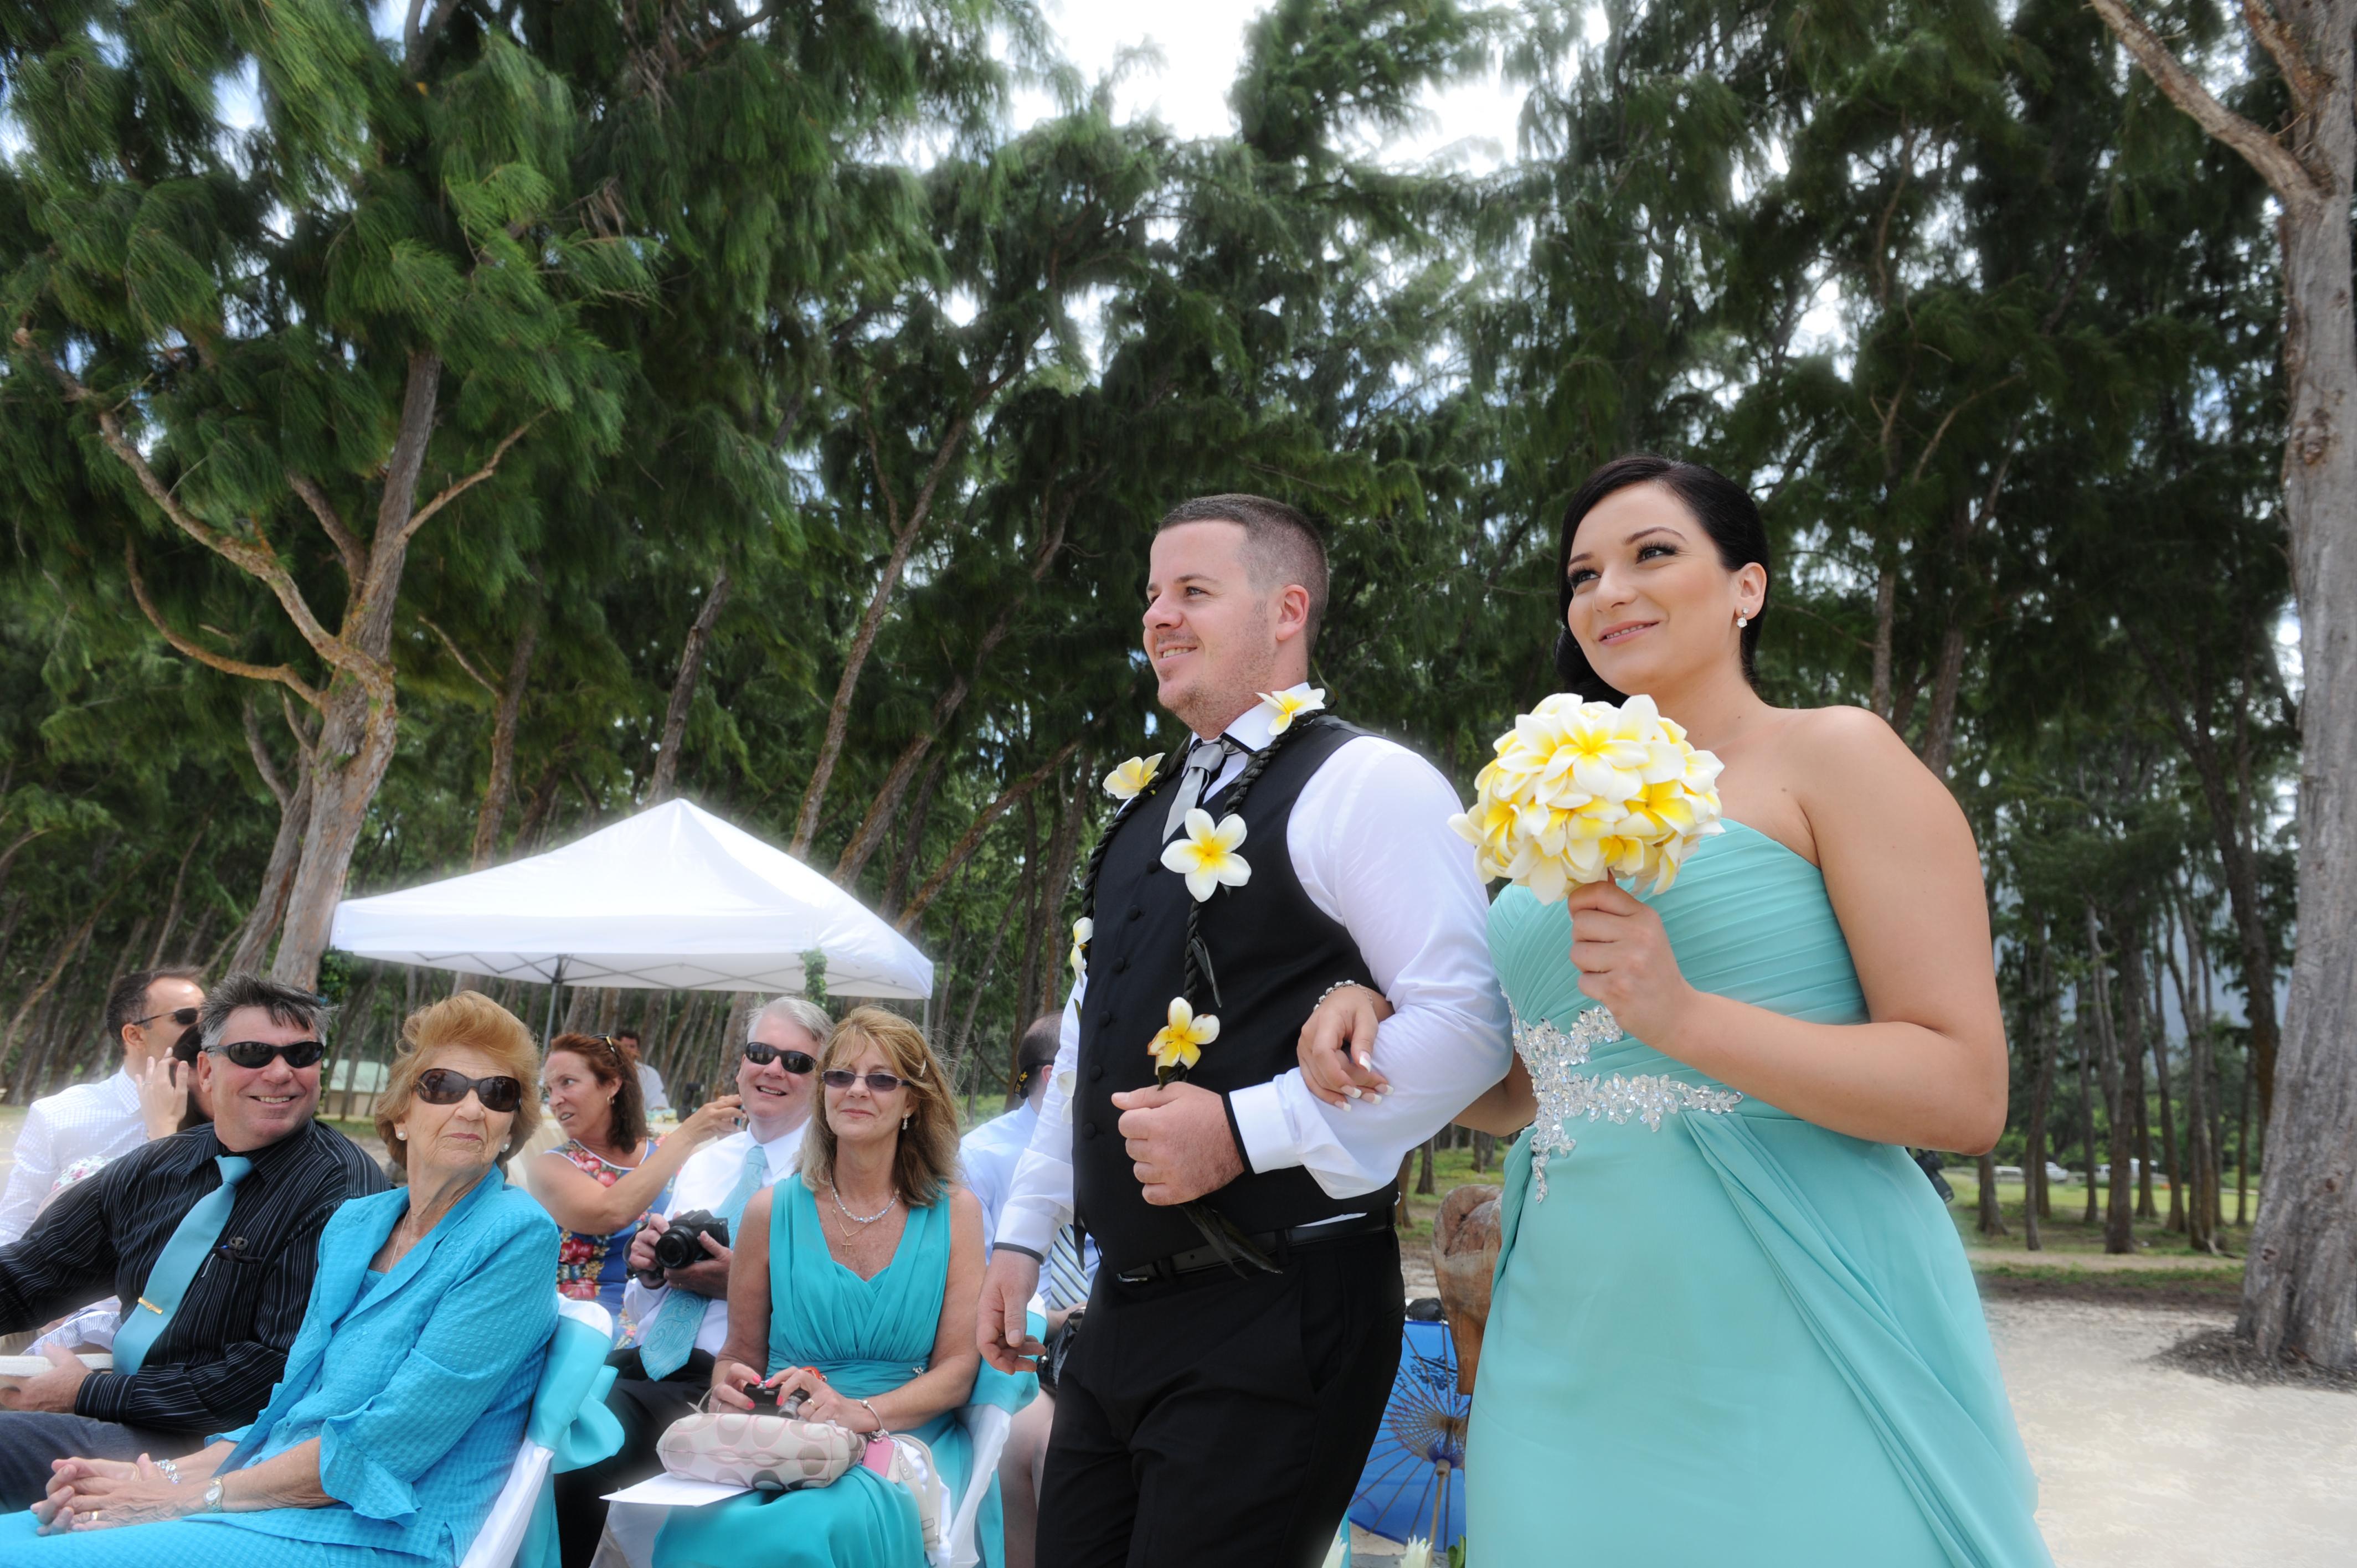 Alohaislandweddings.com- Hawaiian wedding in hawaii-51